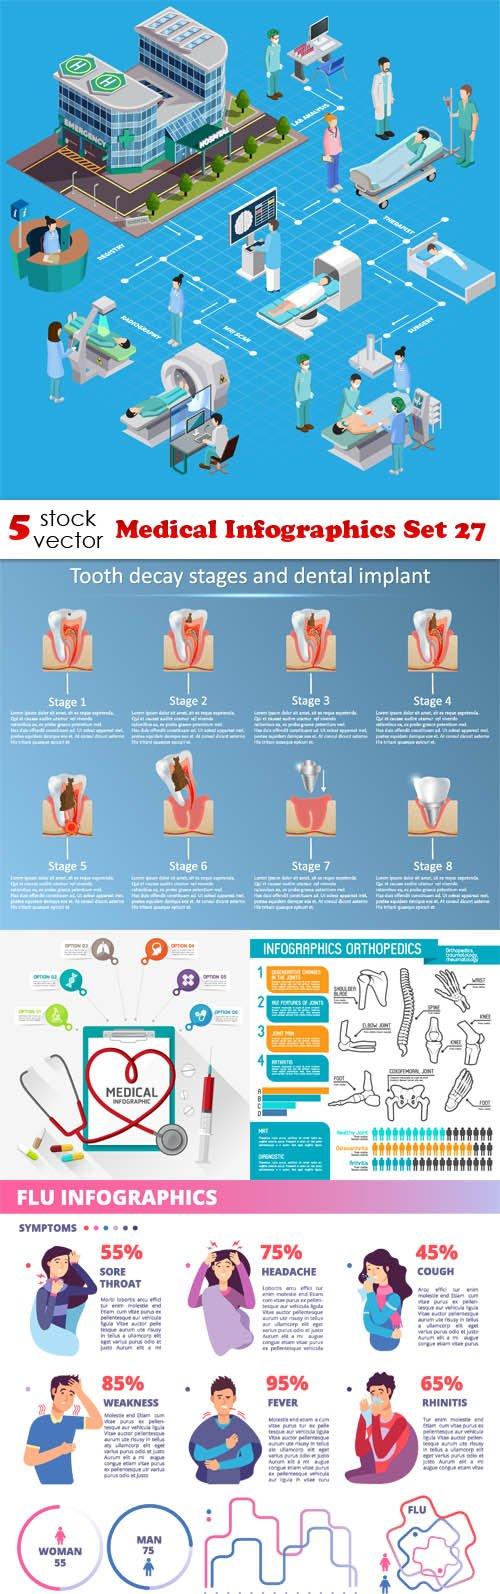 Vectors - Medical Infographics Set 27